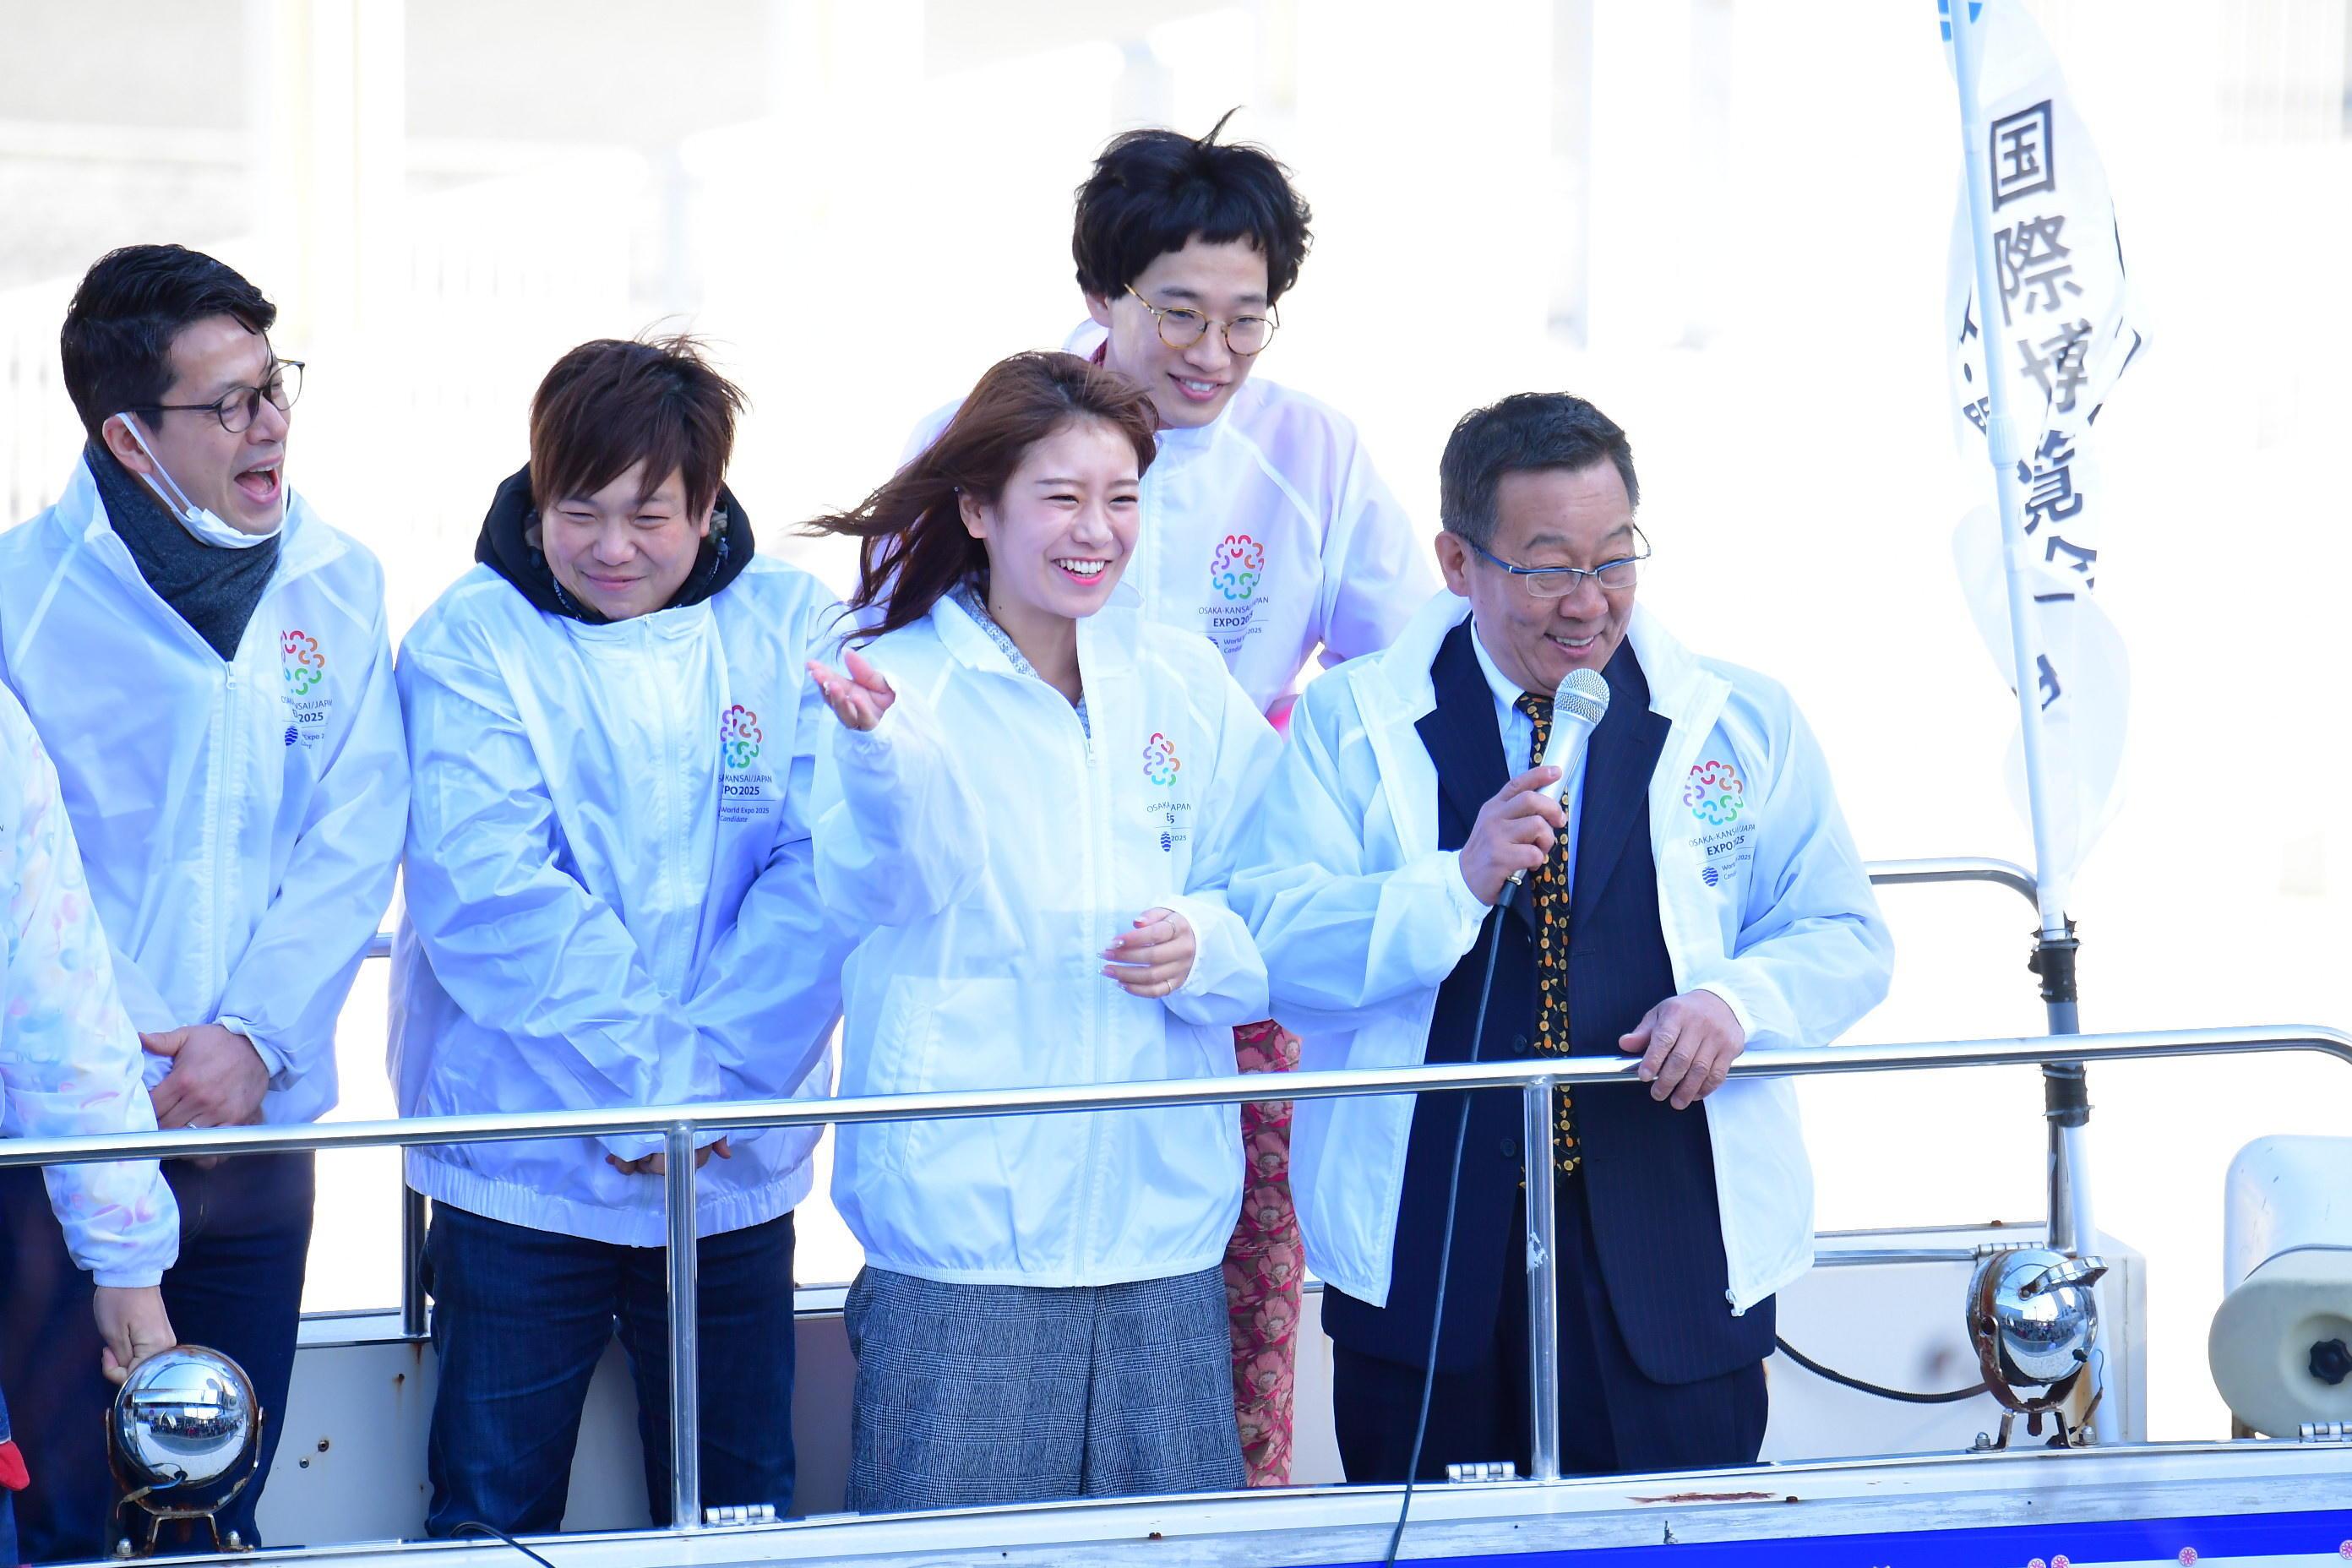 http://news.yoshimoto.co.jp/20180211184646-1f3a4bb1bc26e41170b24794a276b5a07012c843.jpg